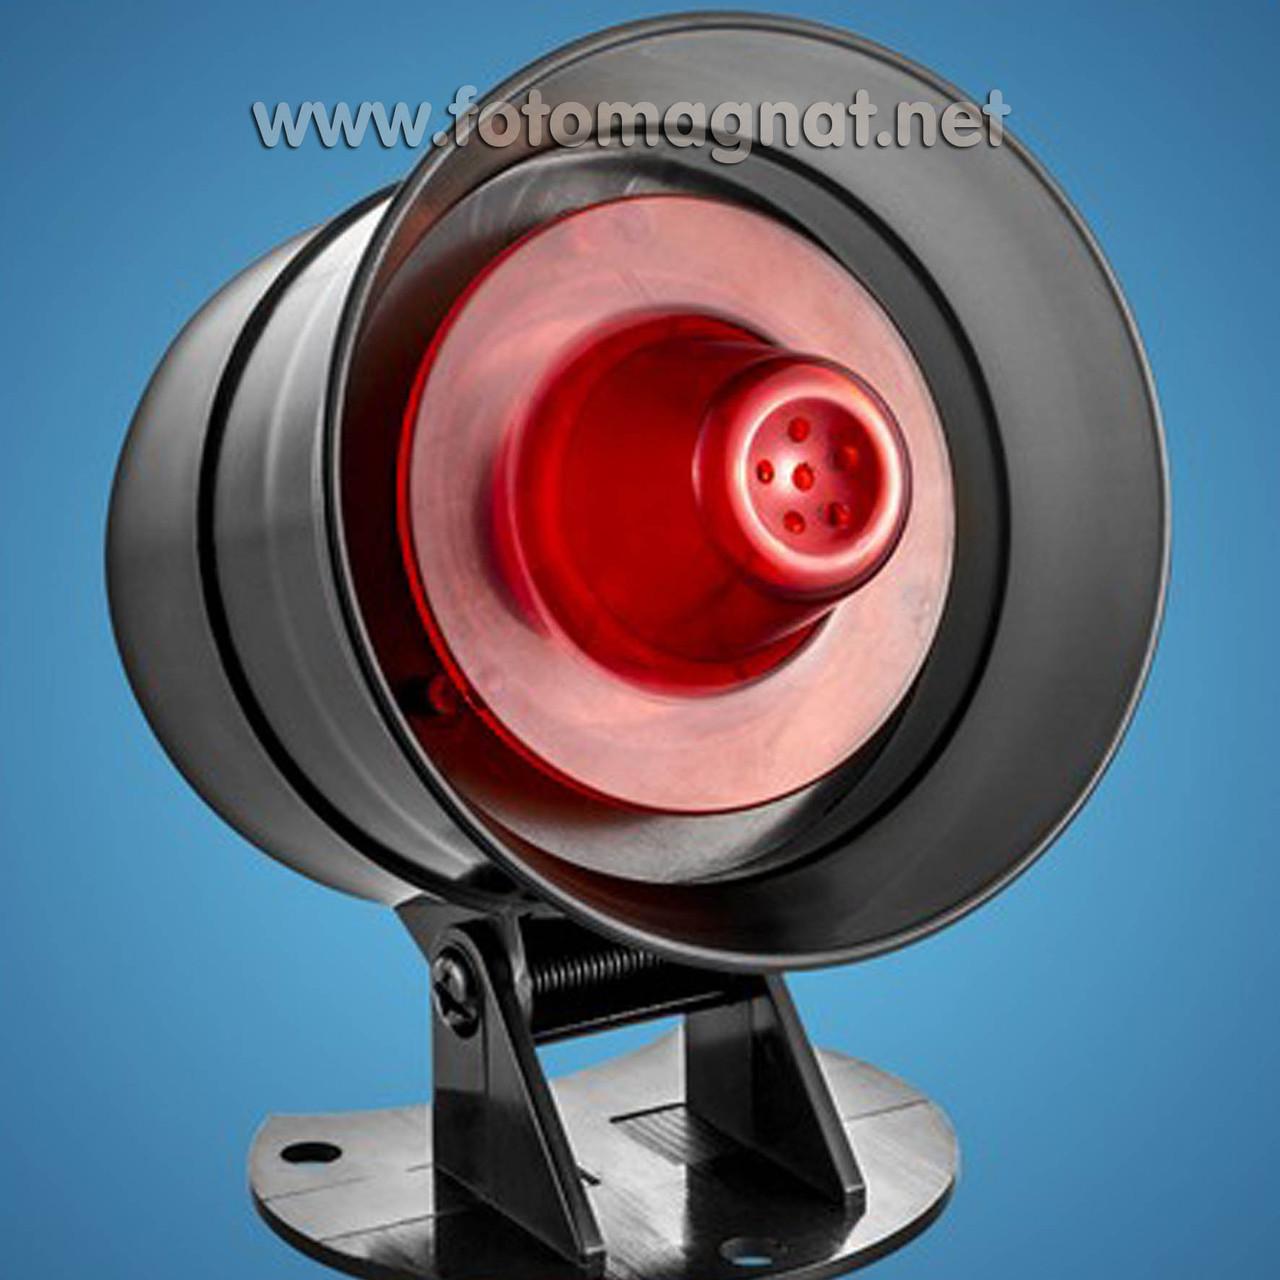 Сигнализация ревун с сиреной — COLARIX ALM-RAD-001 (Сигнализация для дома, дачи и любых помещений)